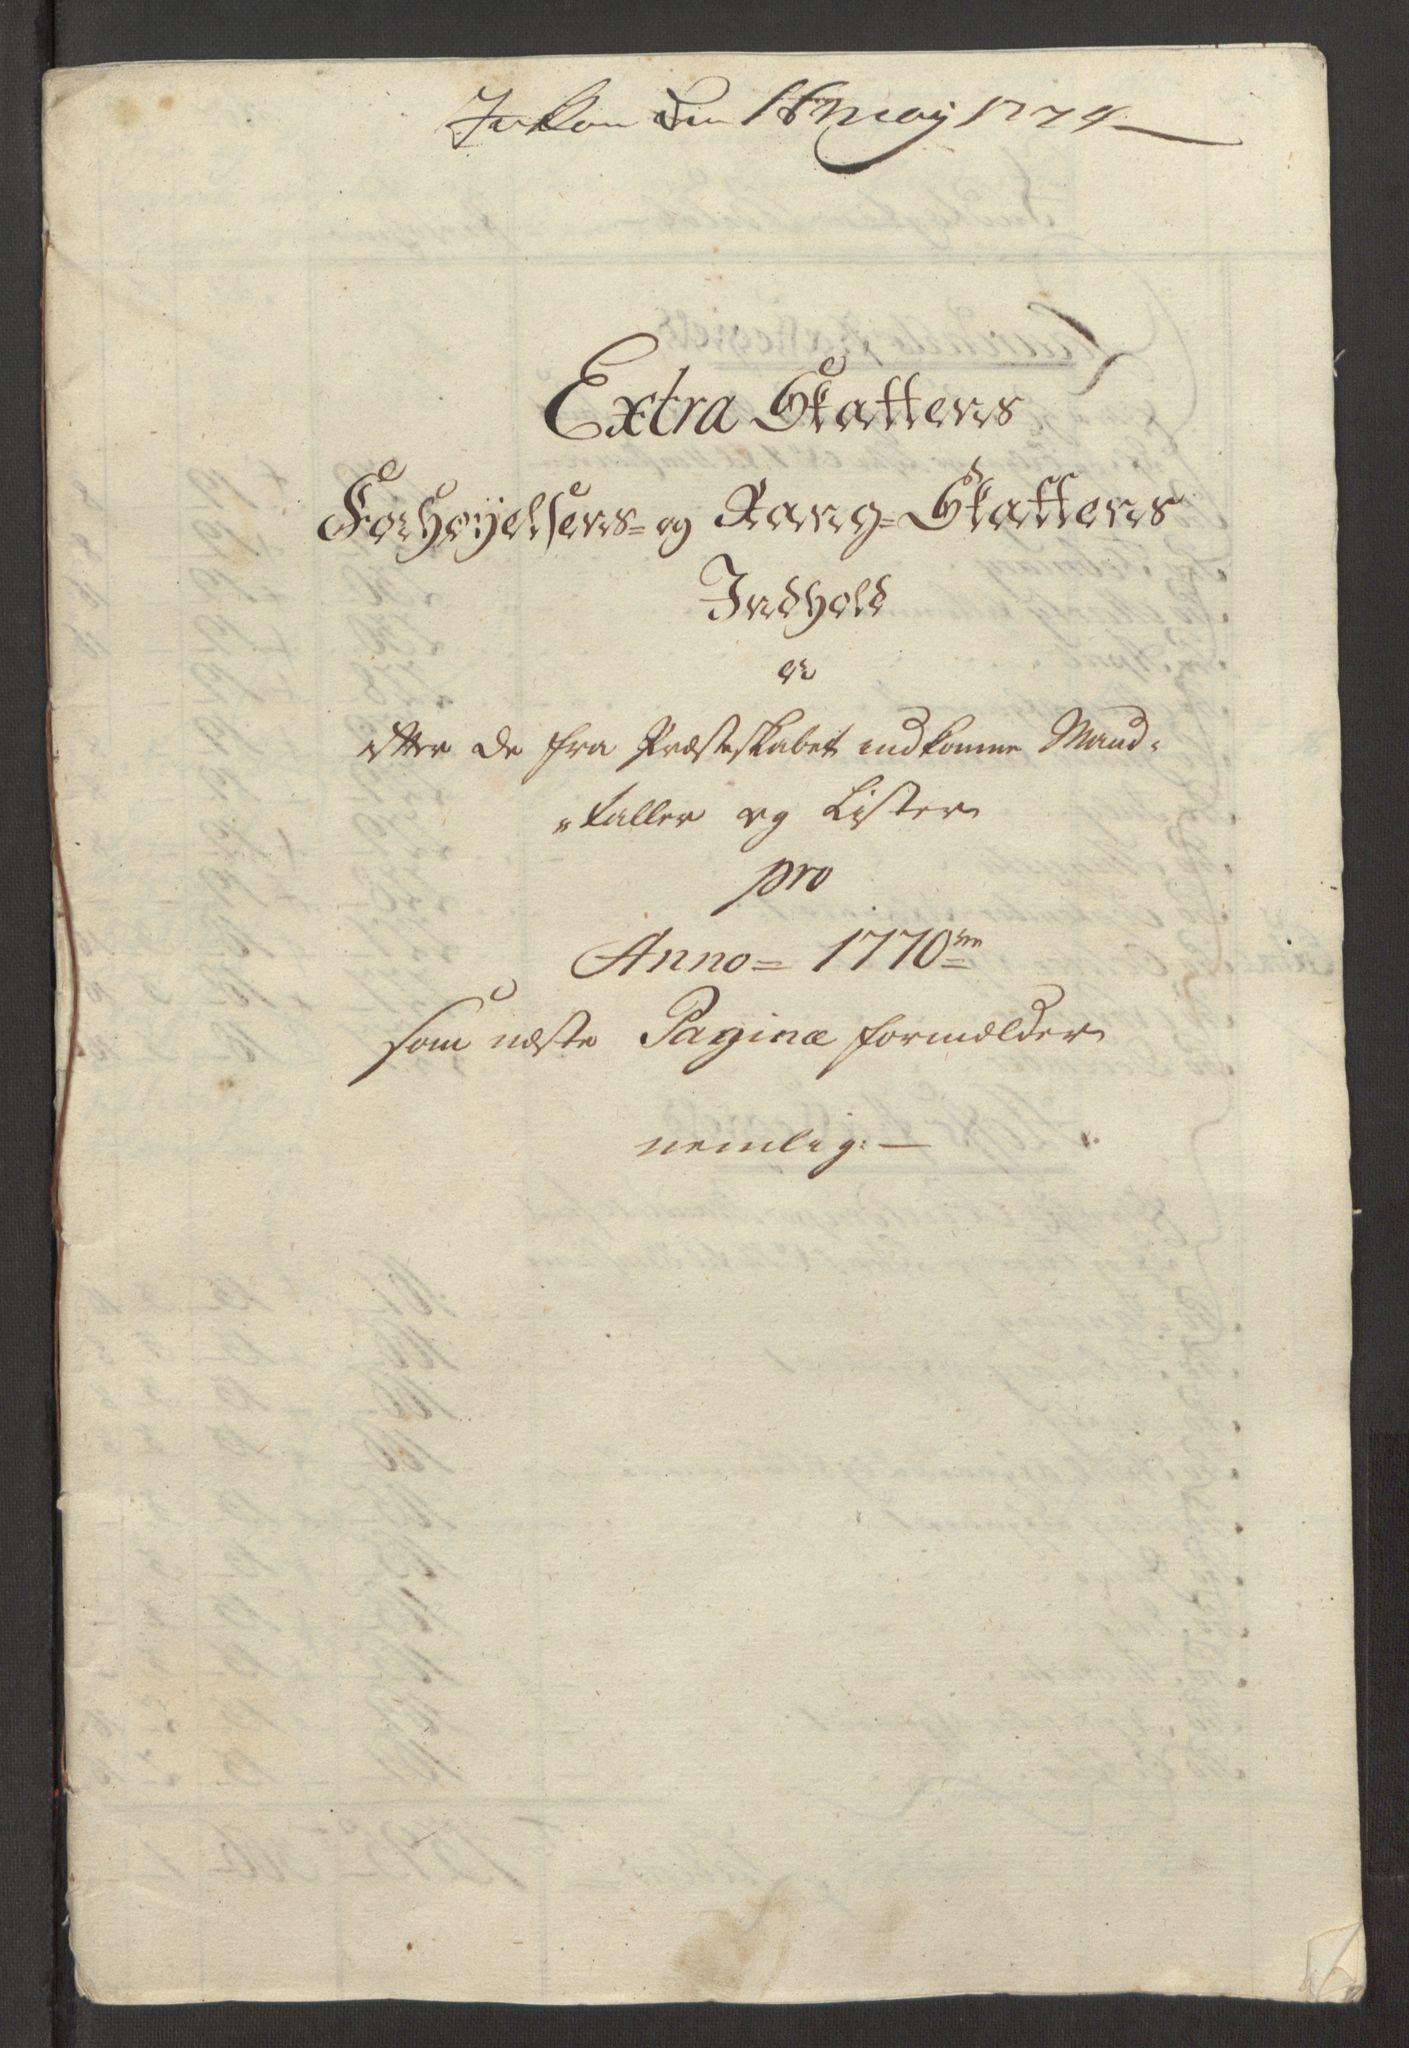 RA, Rentekammeret inntil 1814, Reviderte regnskaper, Fogderegnskap, R32/L1960: Ekstraskatten Jarlsberg grevskap, 1762-1772, s. 186